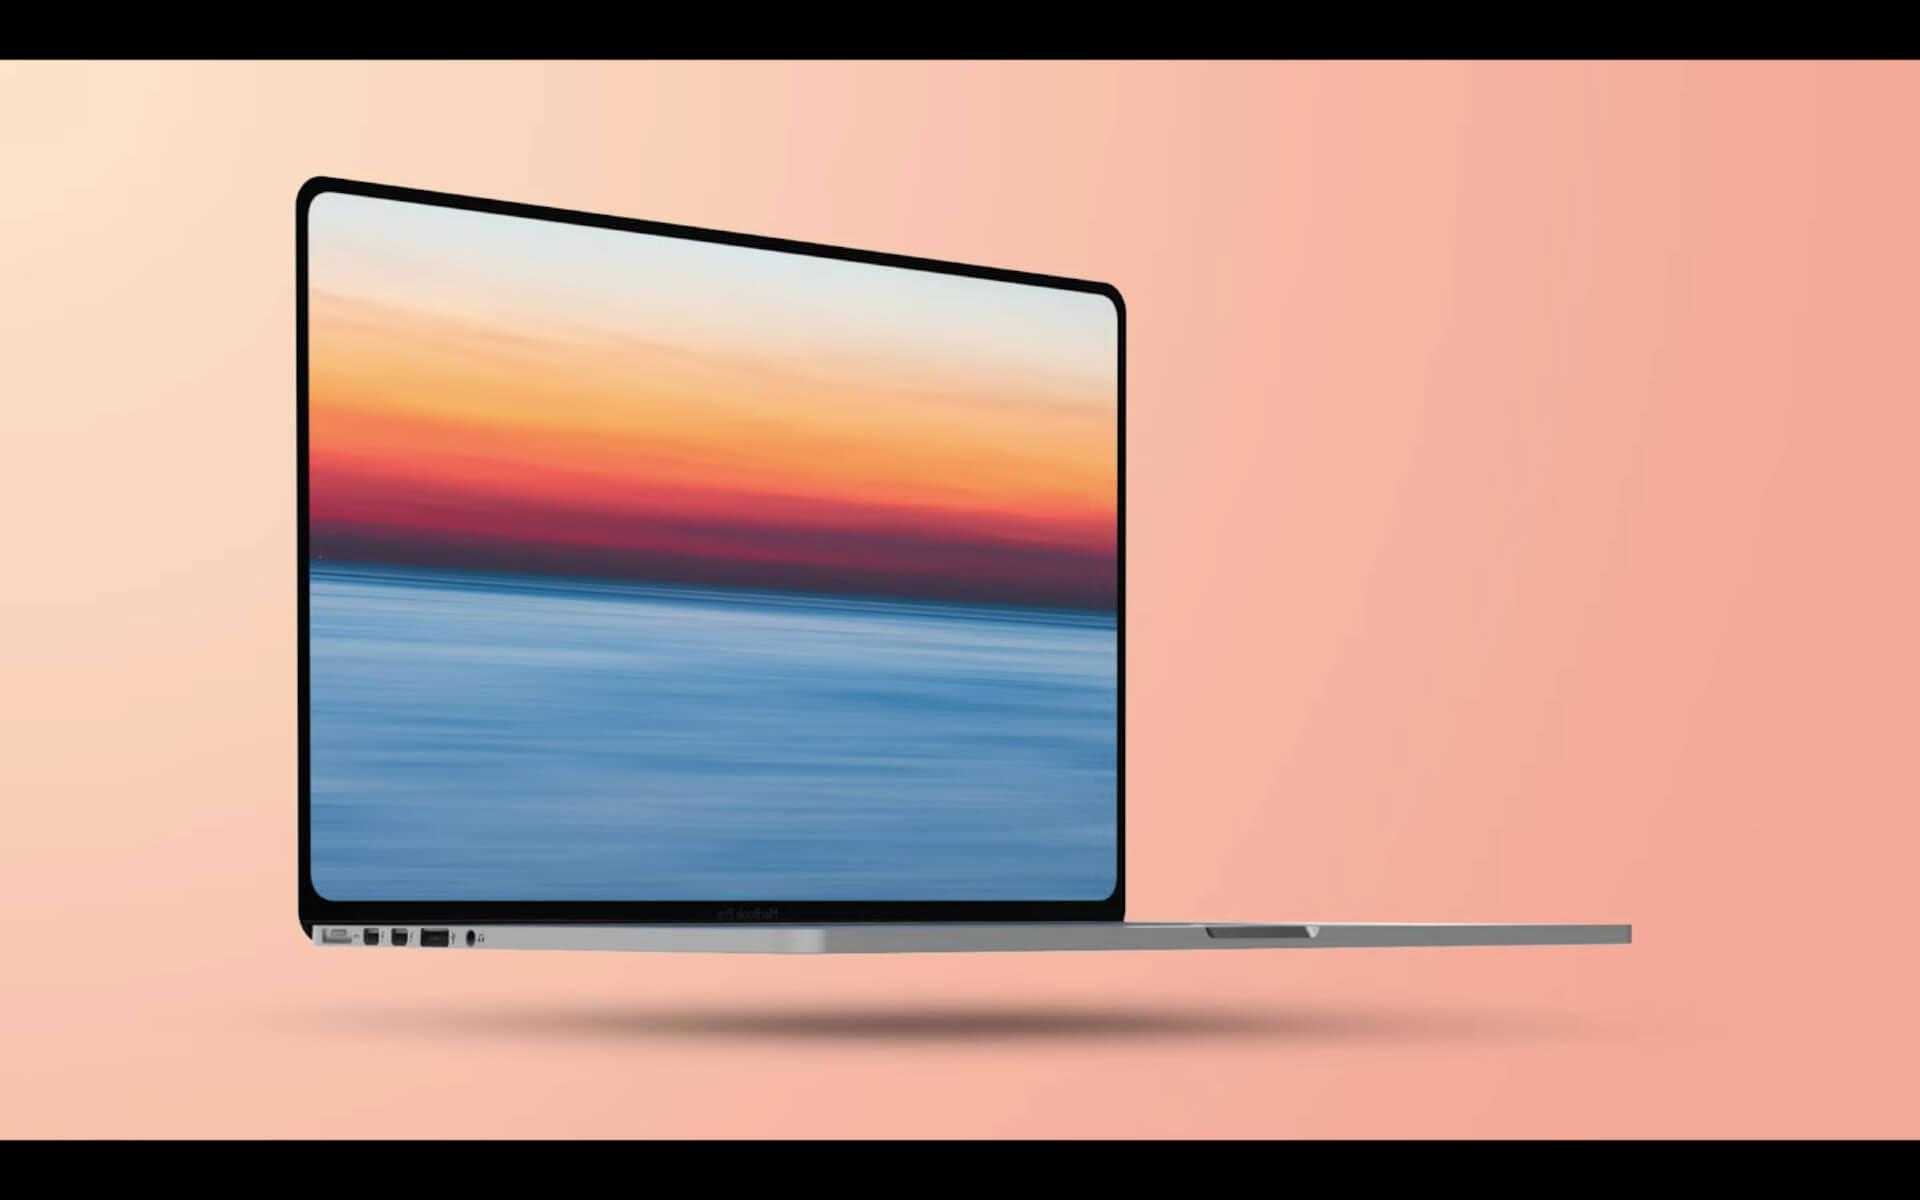 今年第3四半期登場のMacBook Proはこんなデザインに?リーク情報を基にしたコンセプト画像が公開 tech210118_macbookpro_main